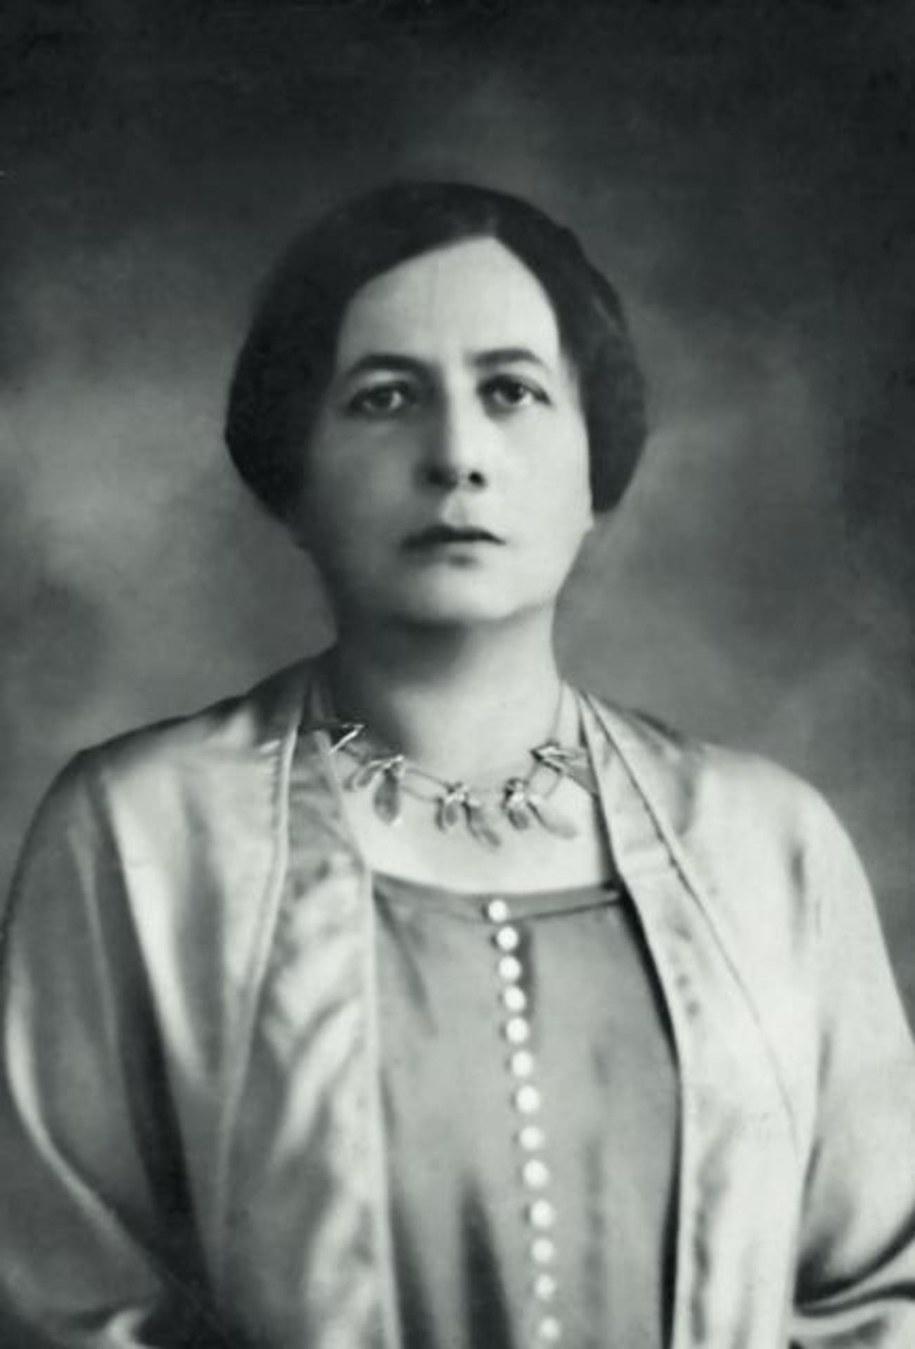 Na zdjęciu pierwsza żona marszałka Maria Piłsudska /UtCon Collection / Alamy Stock Photo /PAP